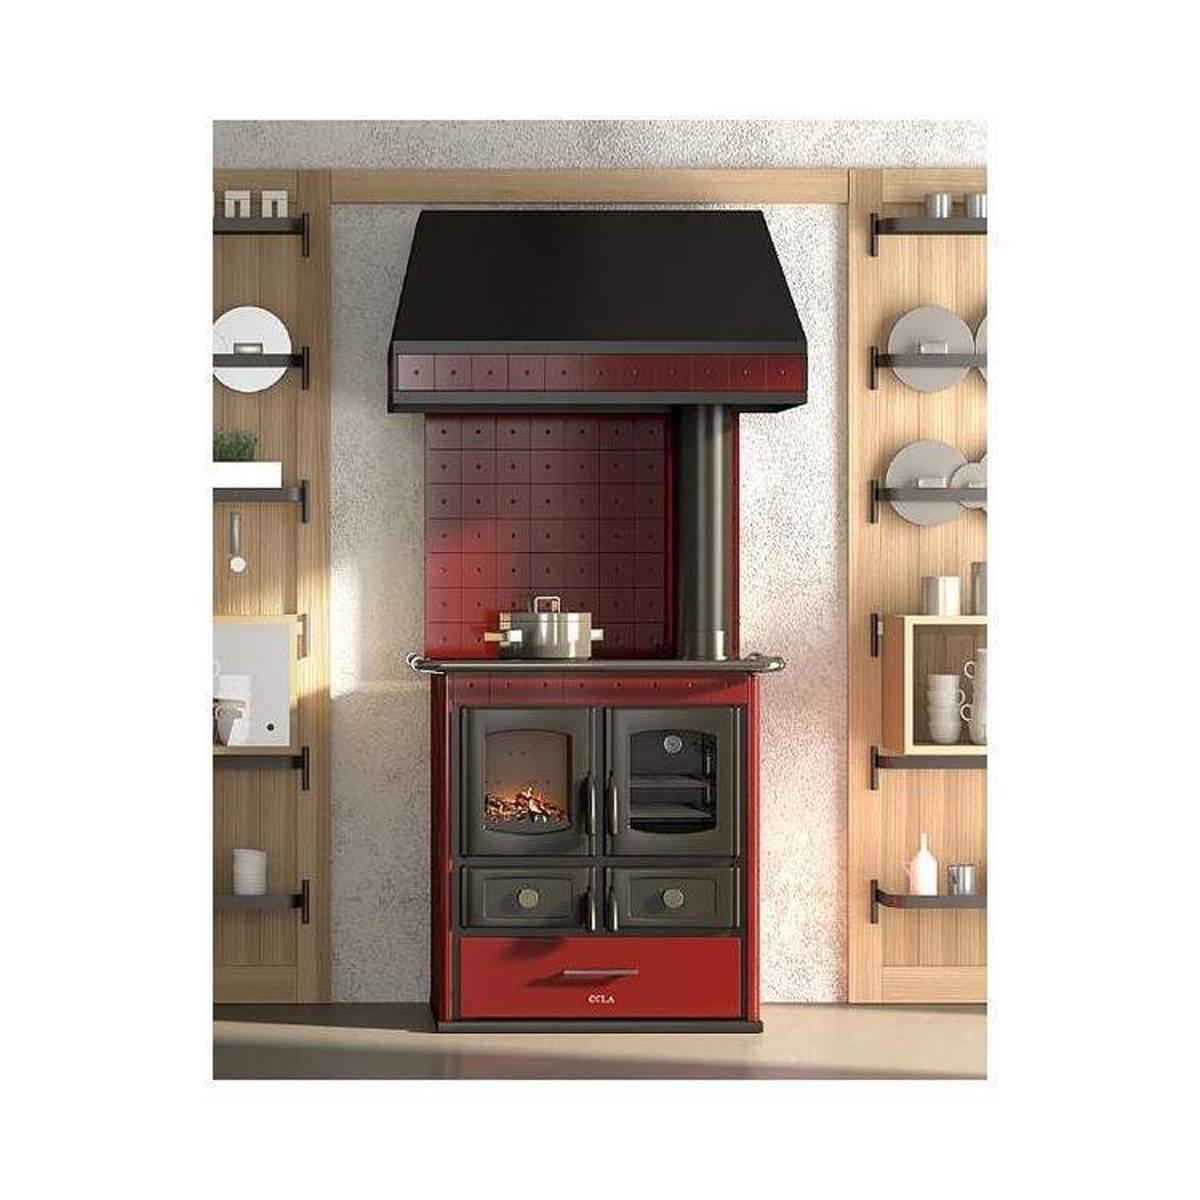 Cucina legna anselmo cola mini helena rustic 8kw in acciaio e frontale ceramica quaranta store - Stufe a legna per cucinare e riscaldare ...